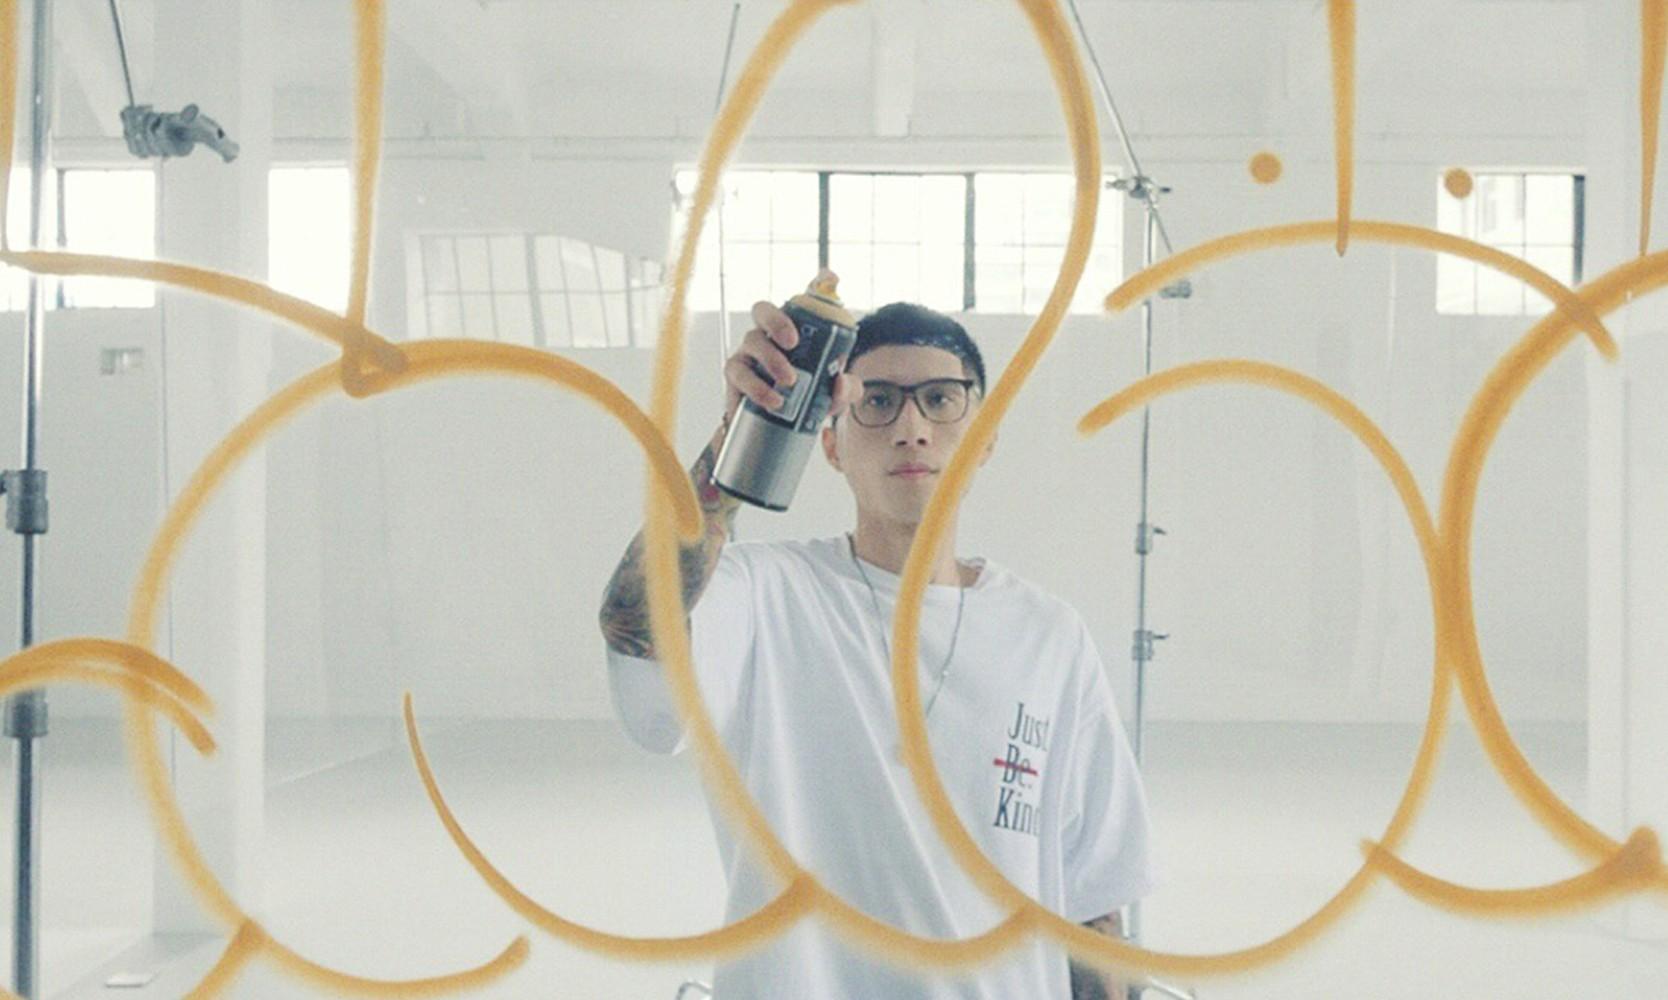 NOWNESS x Assemble by Réel Promotional Video | Publicités | Digital Domain